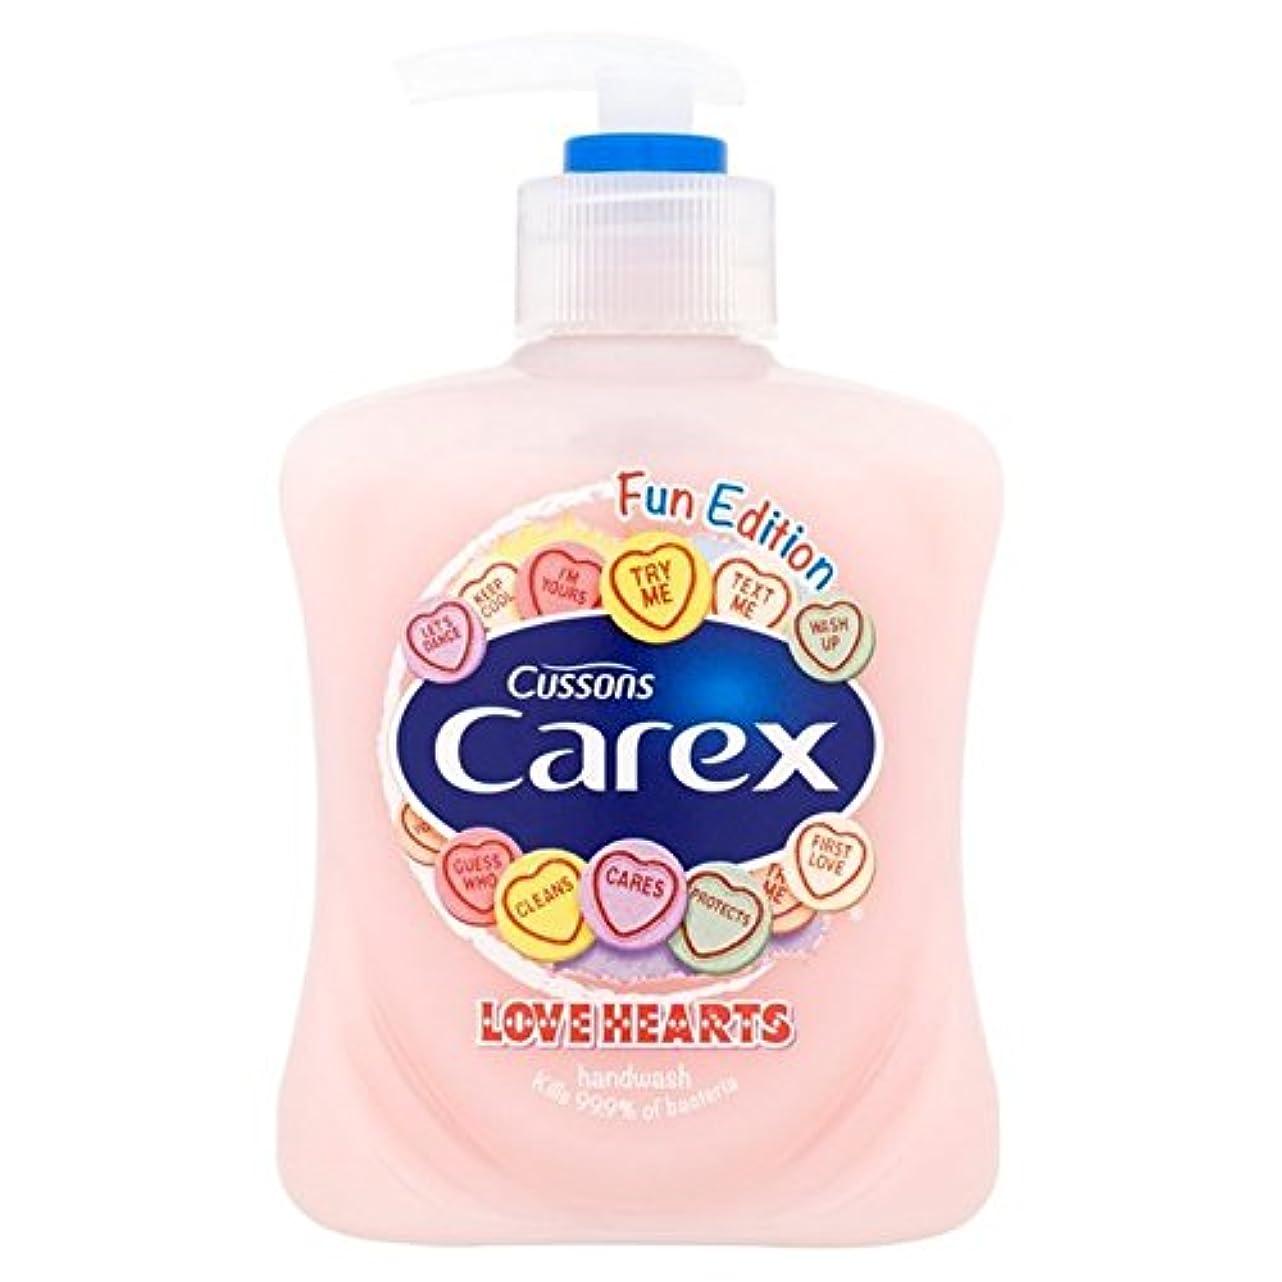 乏しい青レオナルドダCarex Fun Edition Love Hearts Hand Wash 250ml - スゲ楽しい版愛の心のハンドウォッシュ250ミリリットル [並行輸入品]